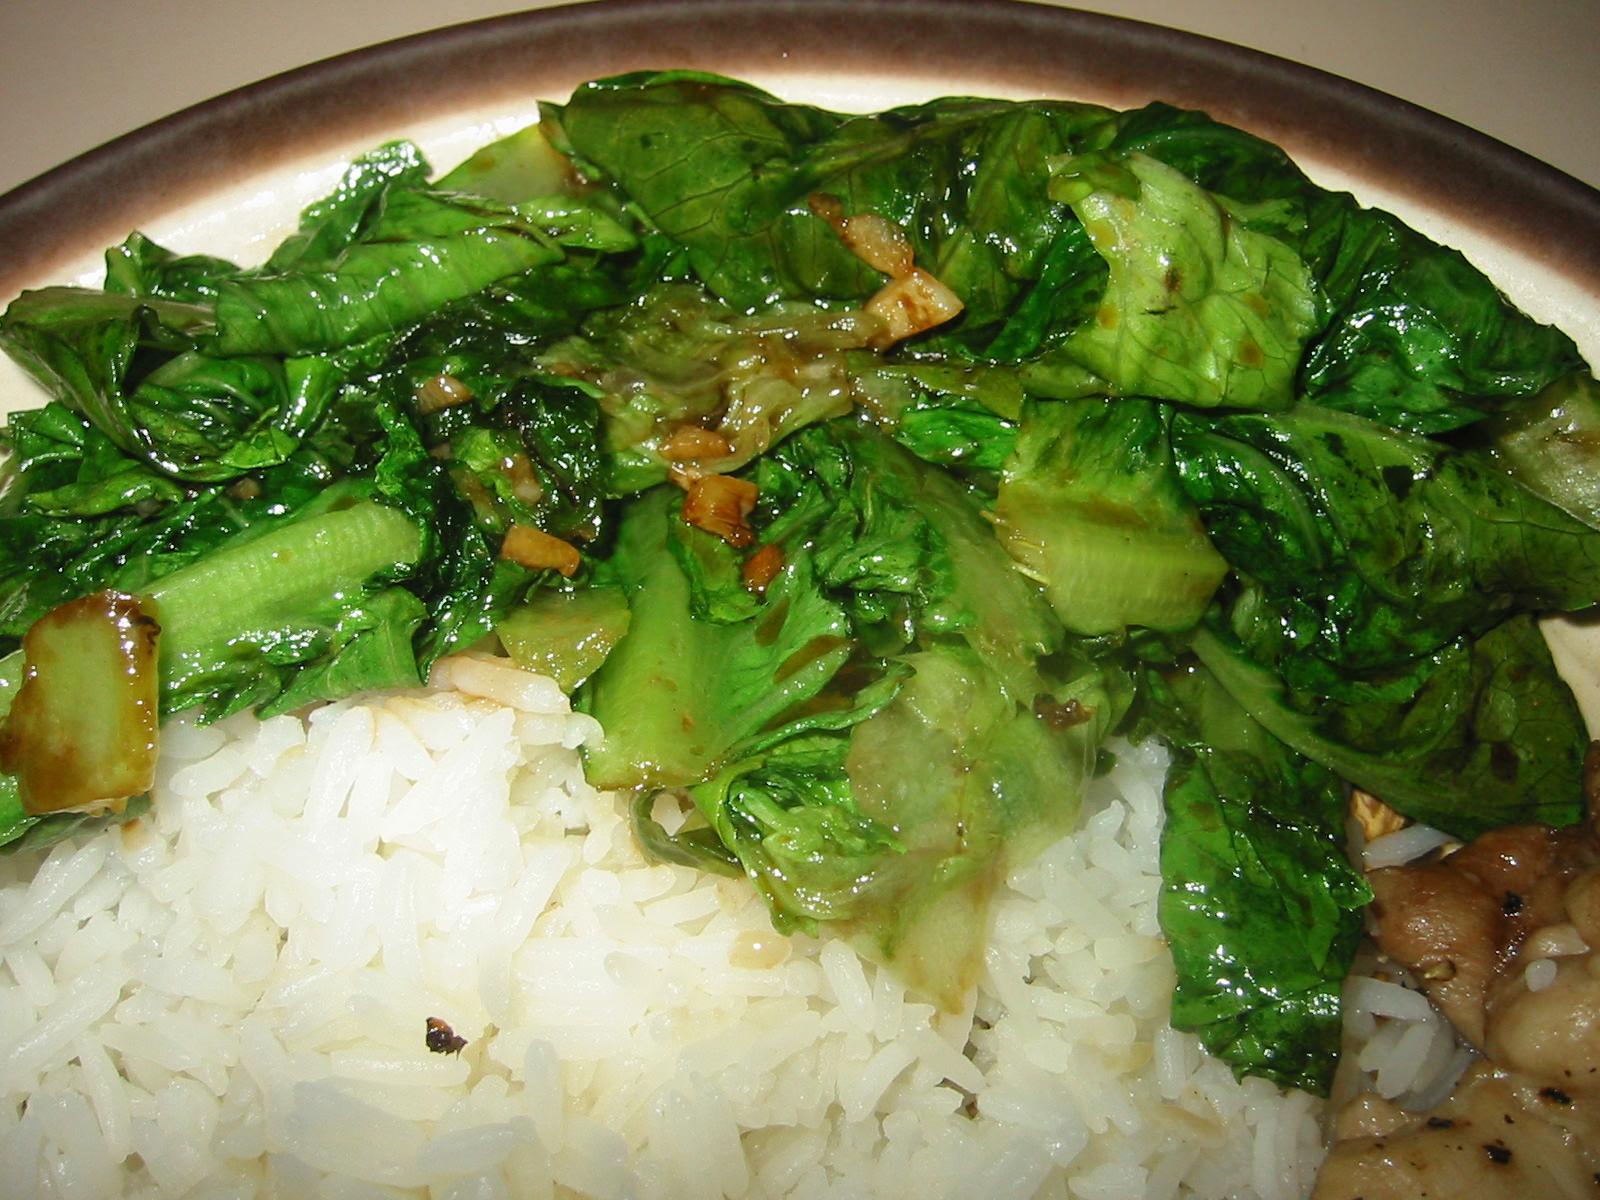 Stir-fried lettuce close-up